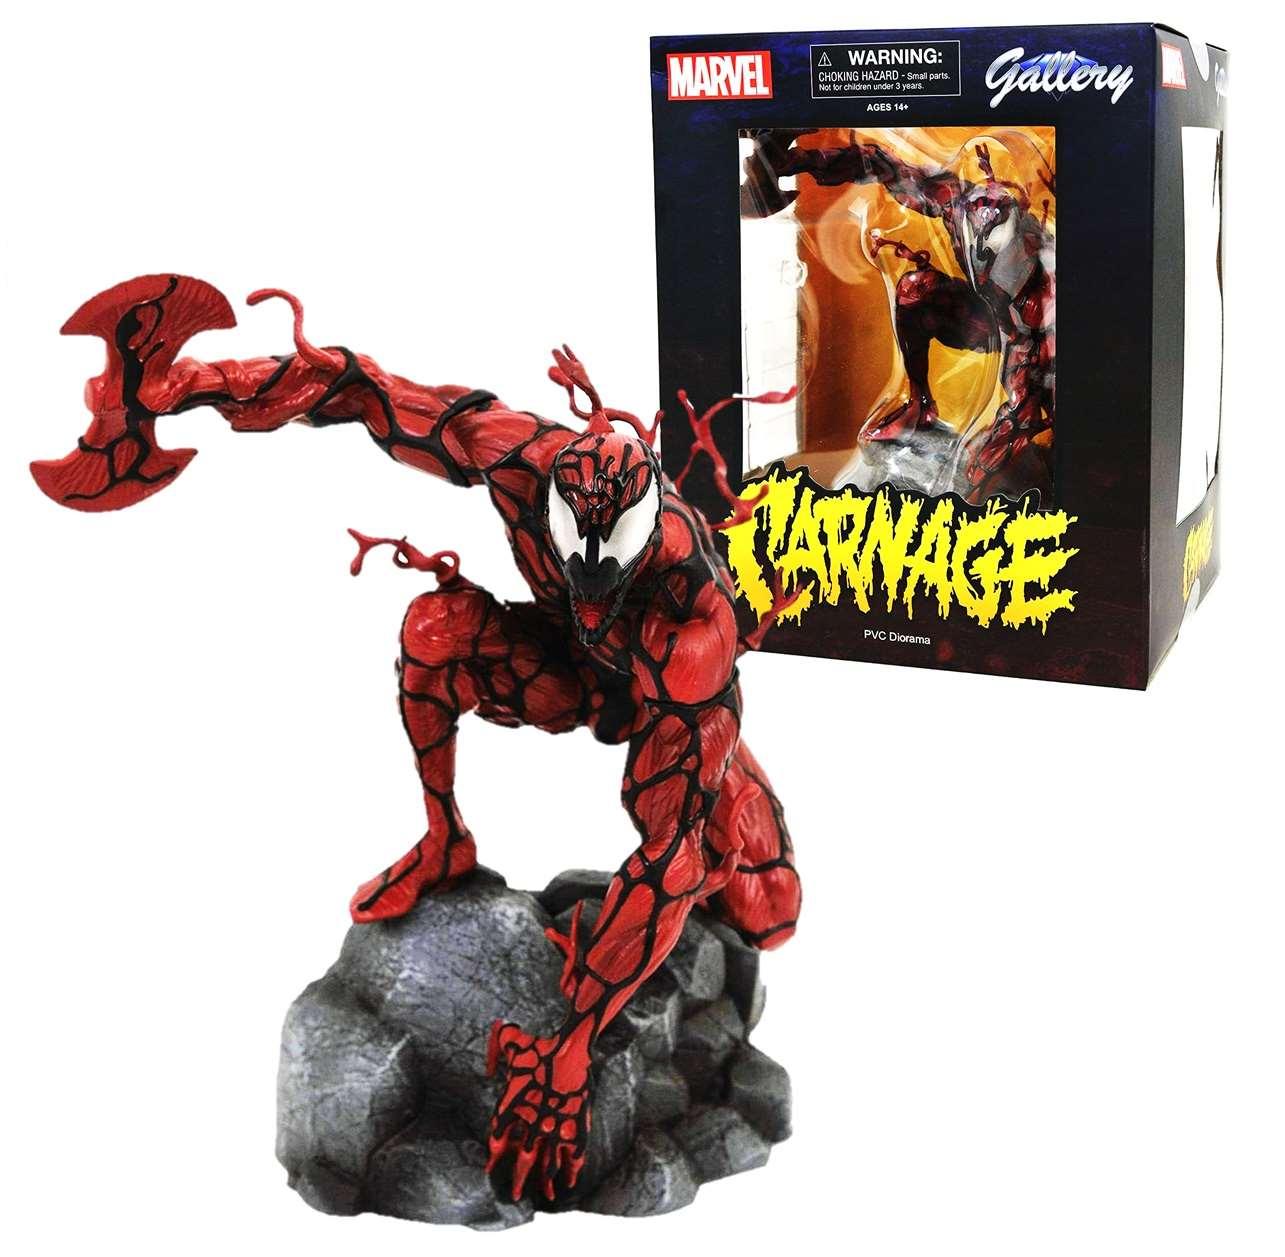 Carnage Diorama Figura Estatua Marvel Gallery Diamond Select